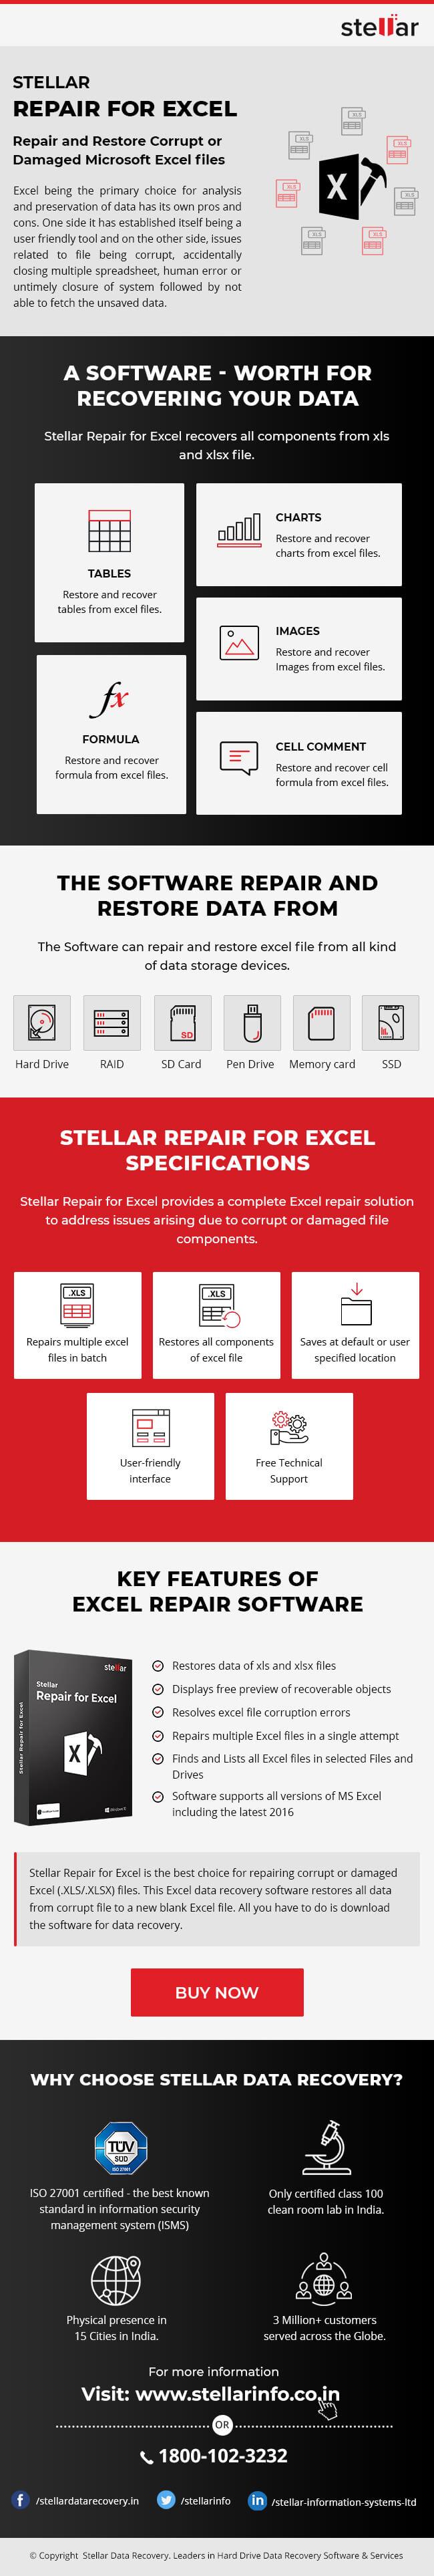 Stellar Repair for Excel